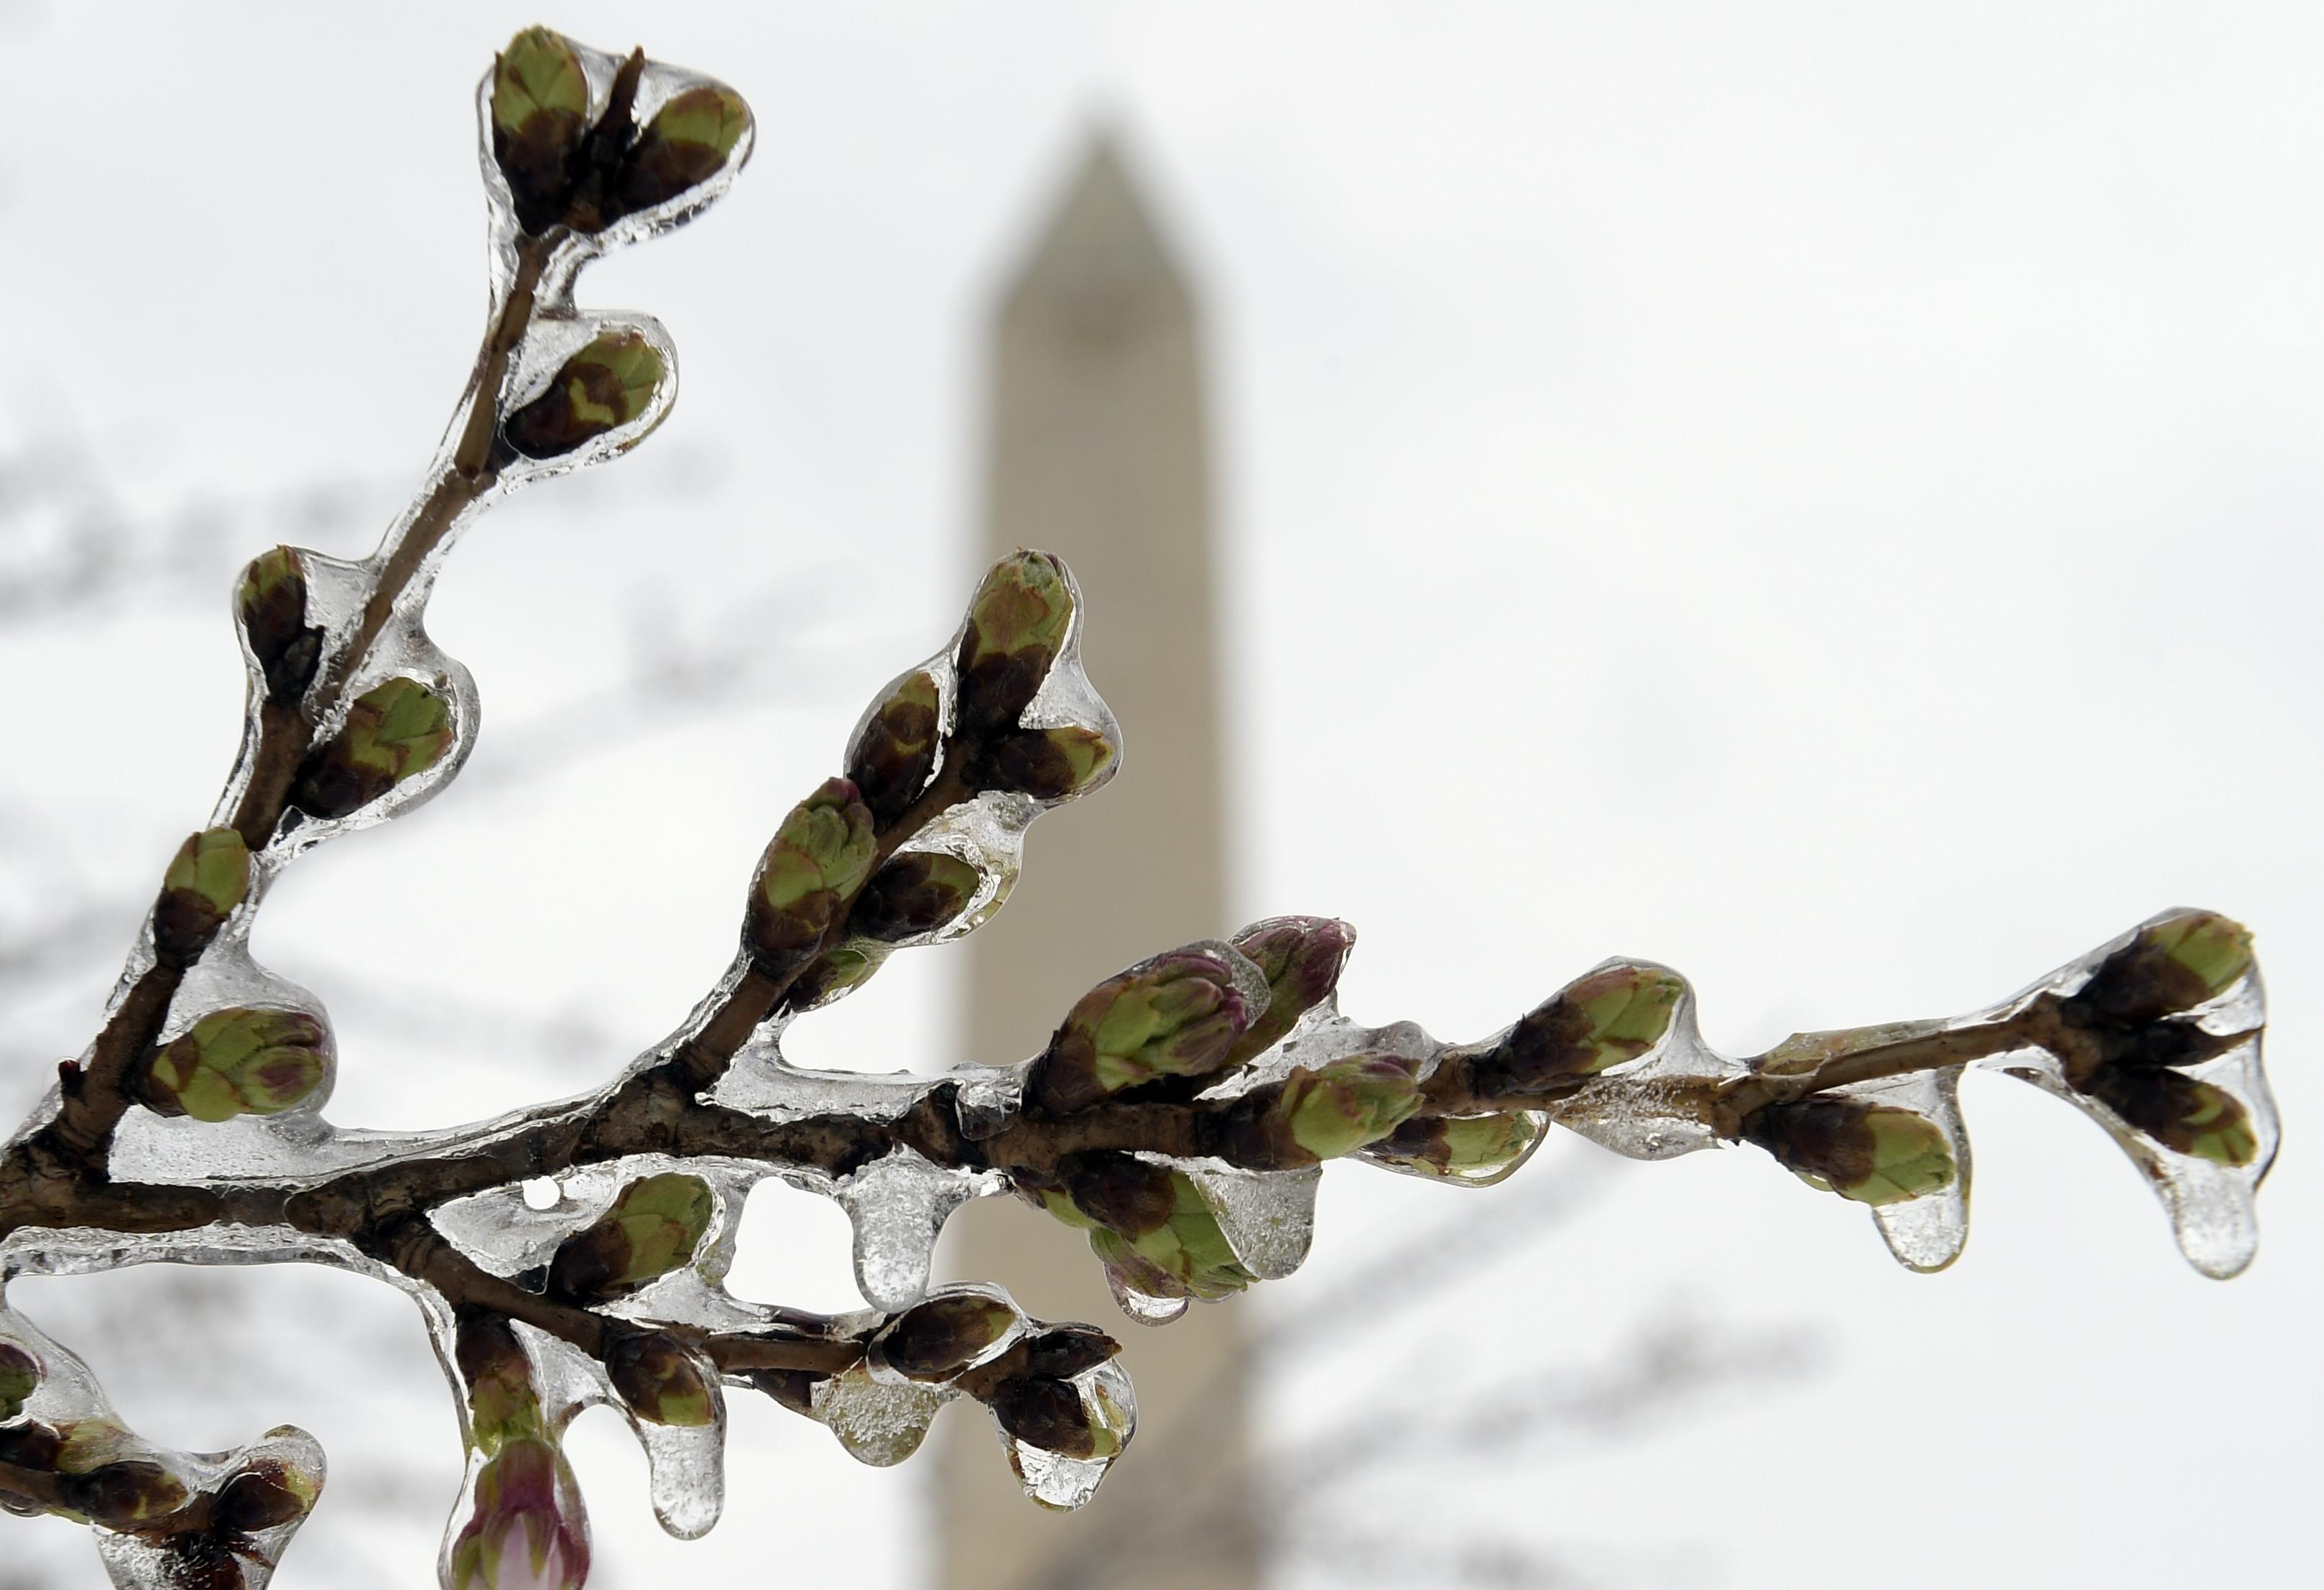 華盛頓特區的櫻花今年比往年早開花,但含苞待放的花蕾,風雪終結成冰。(美聯社)